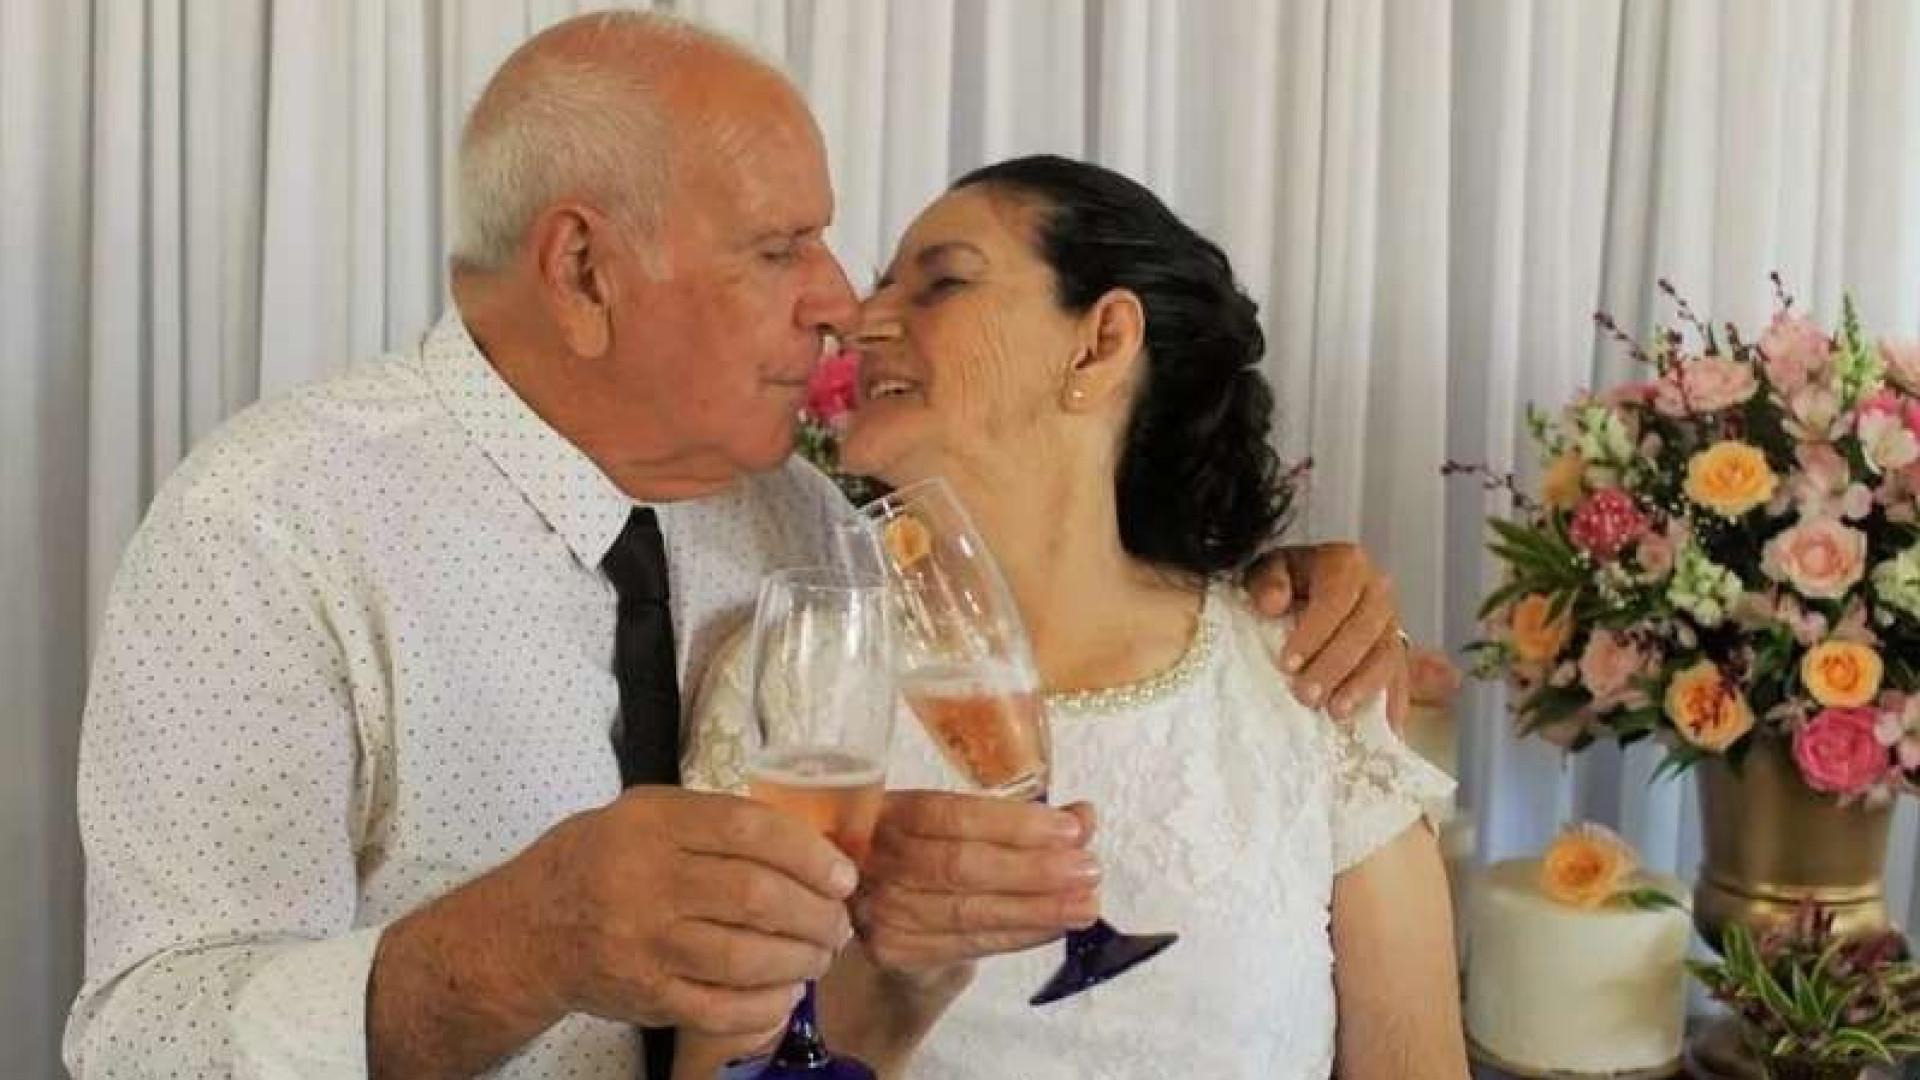 Casal de idosos casa-se depois de se conhecerem no Tinder